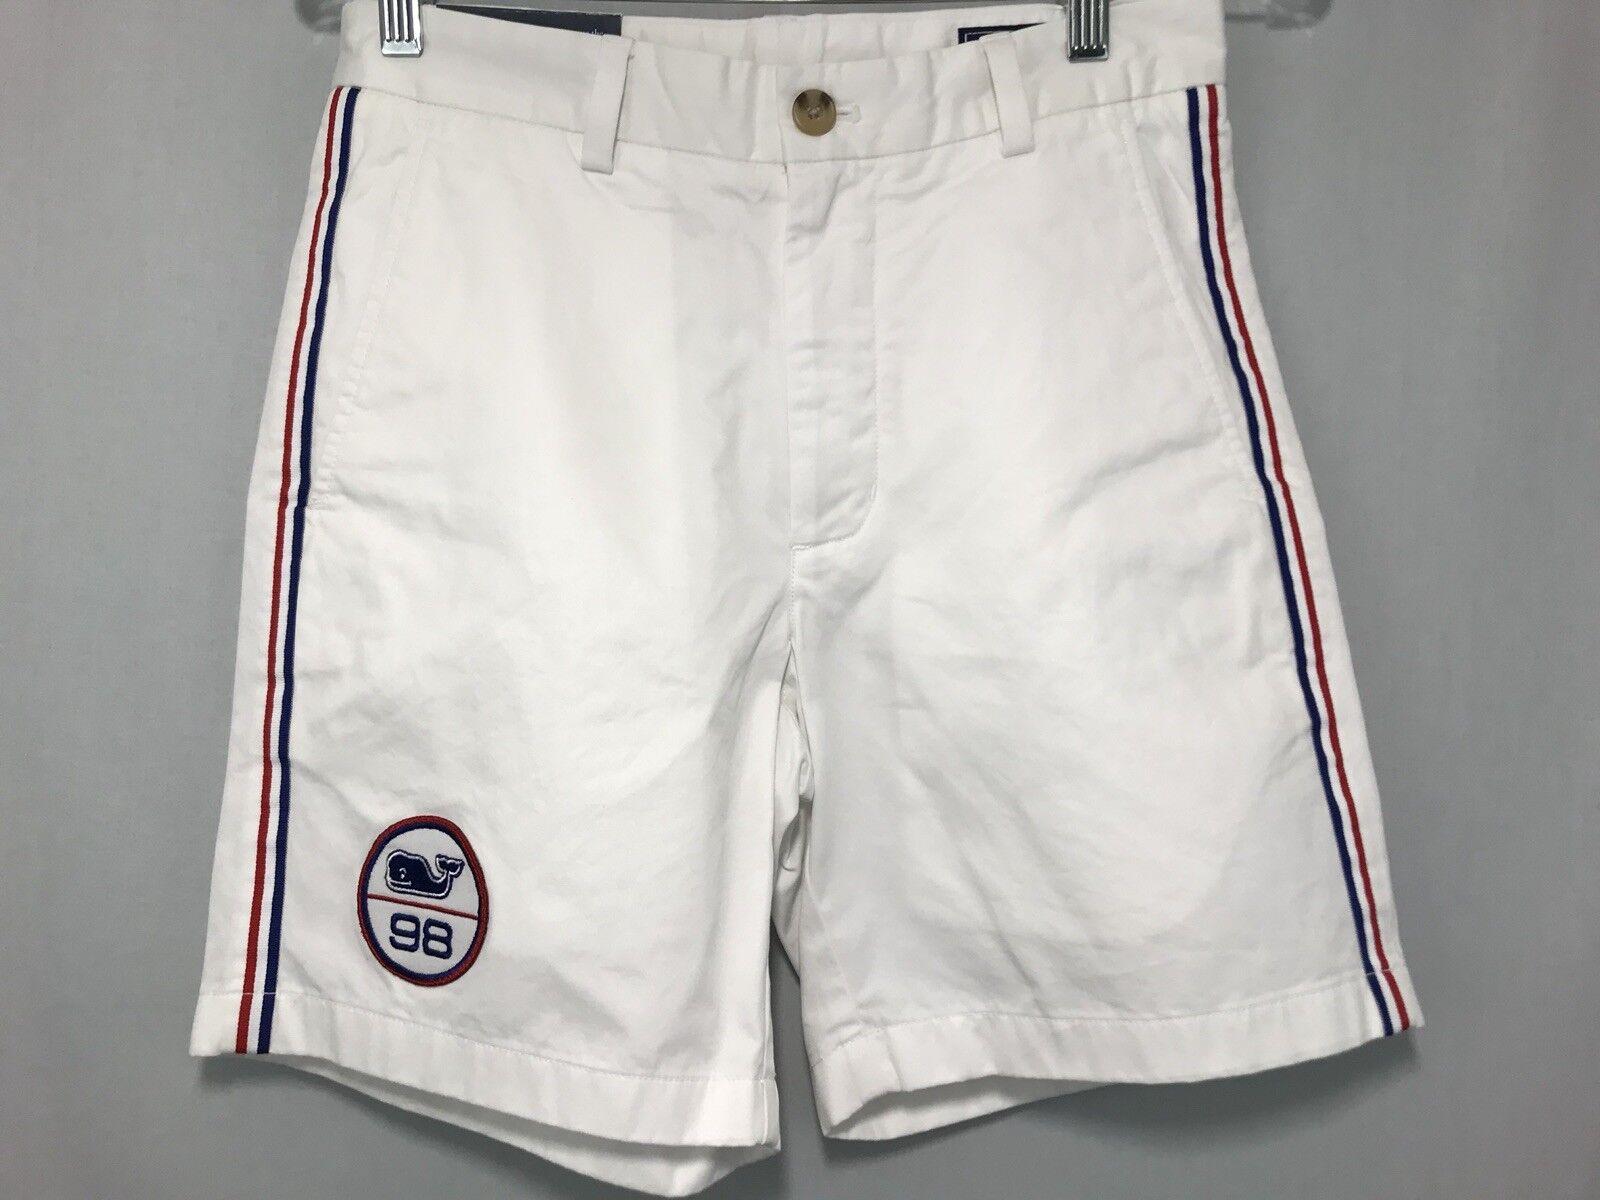 Men's Vineyard Vines Size 28 Classic Fit Breaker Shorts Whale Patch Flag Stripe